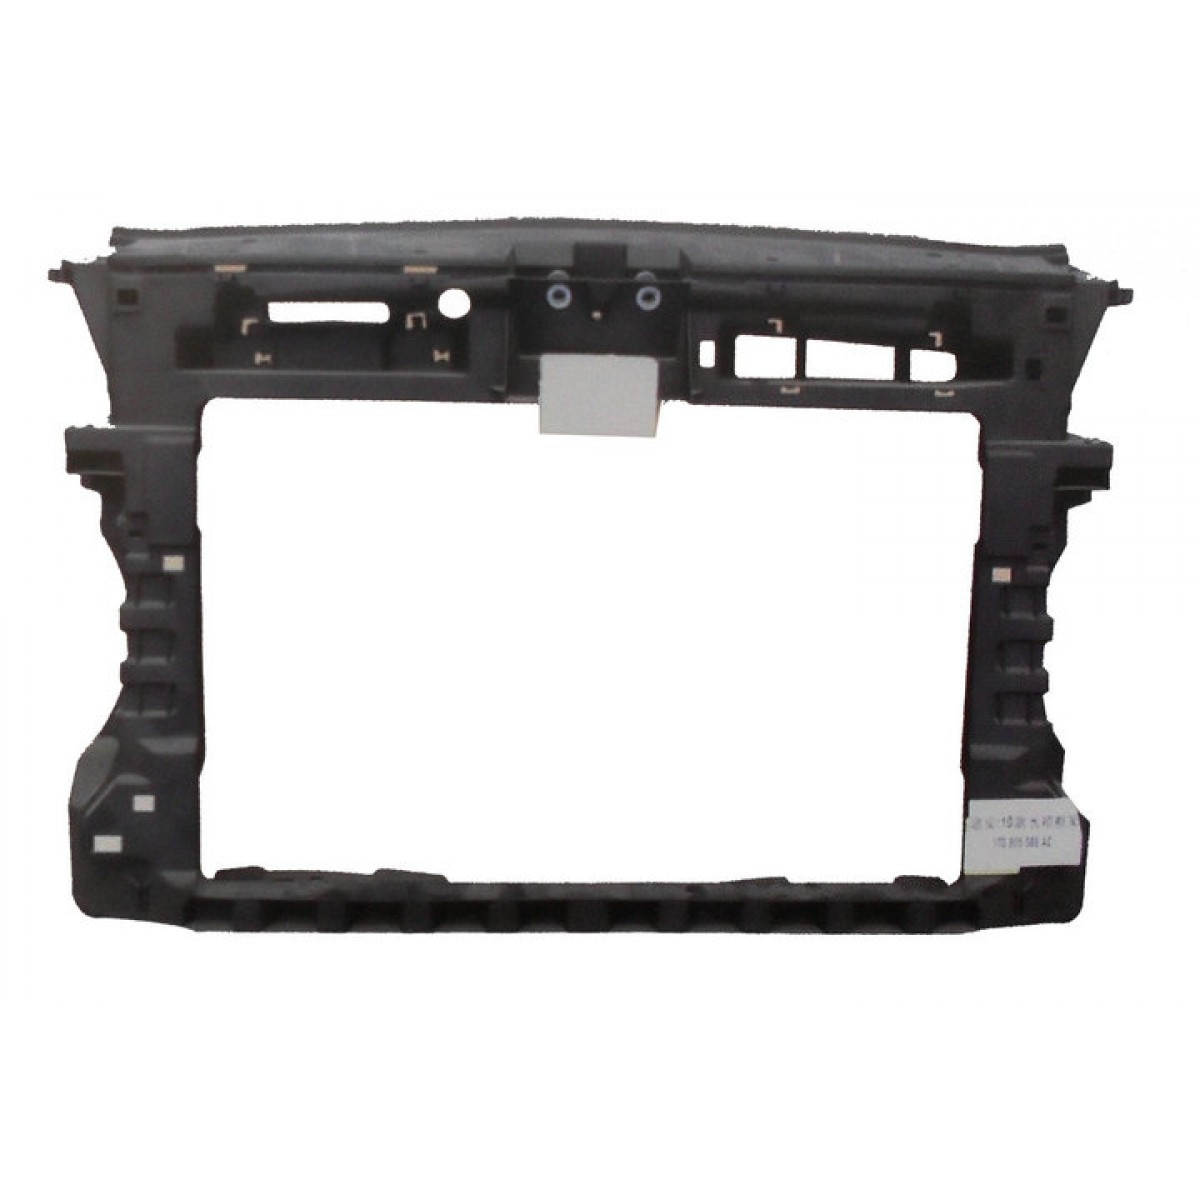 Передняя панель VW Caddy 2010-2015 (без вертикальной и боковых частей) (FPS) 1T0805588AC